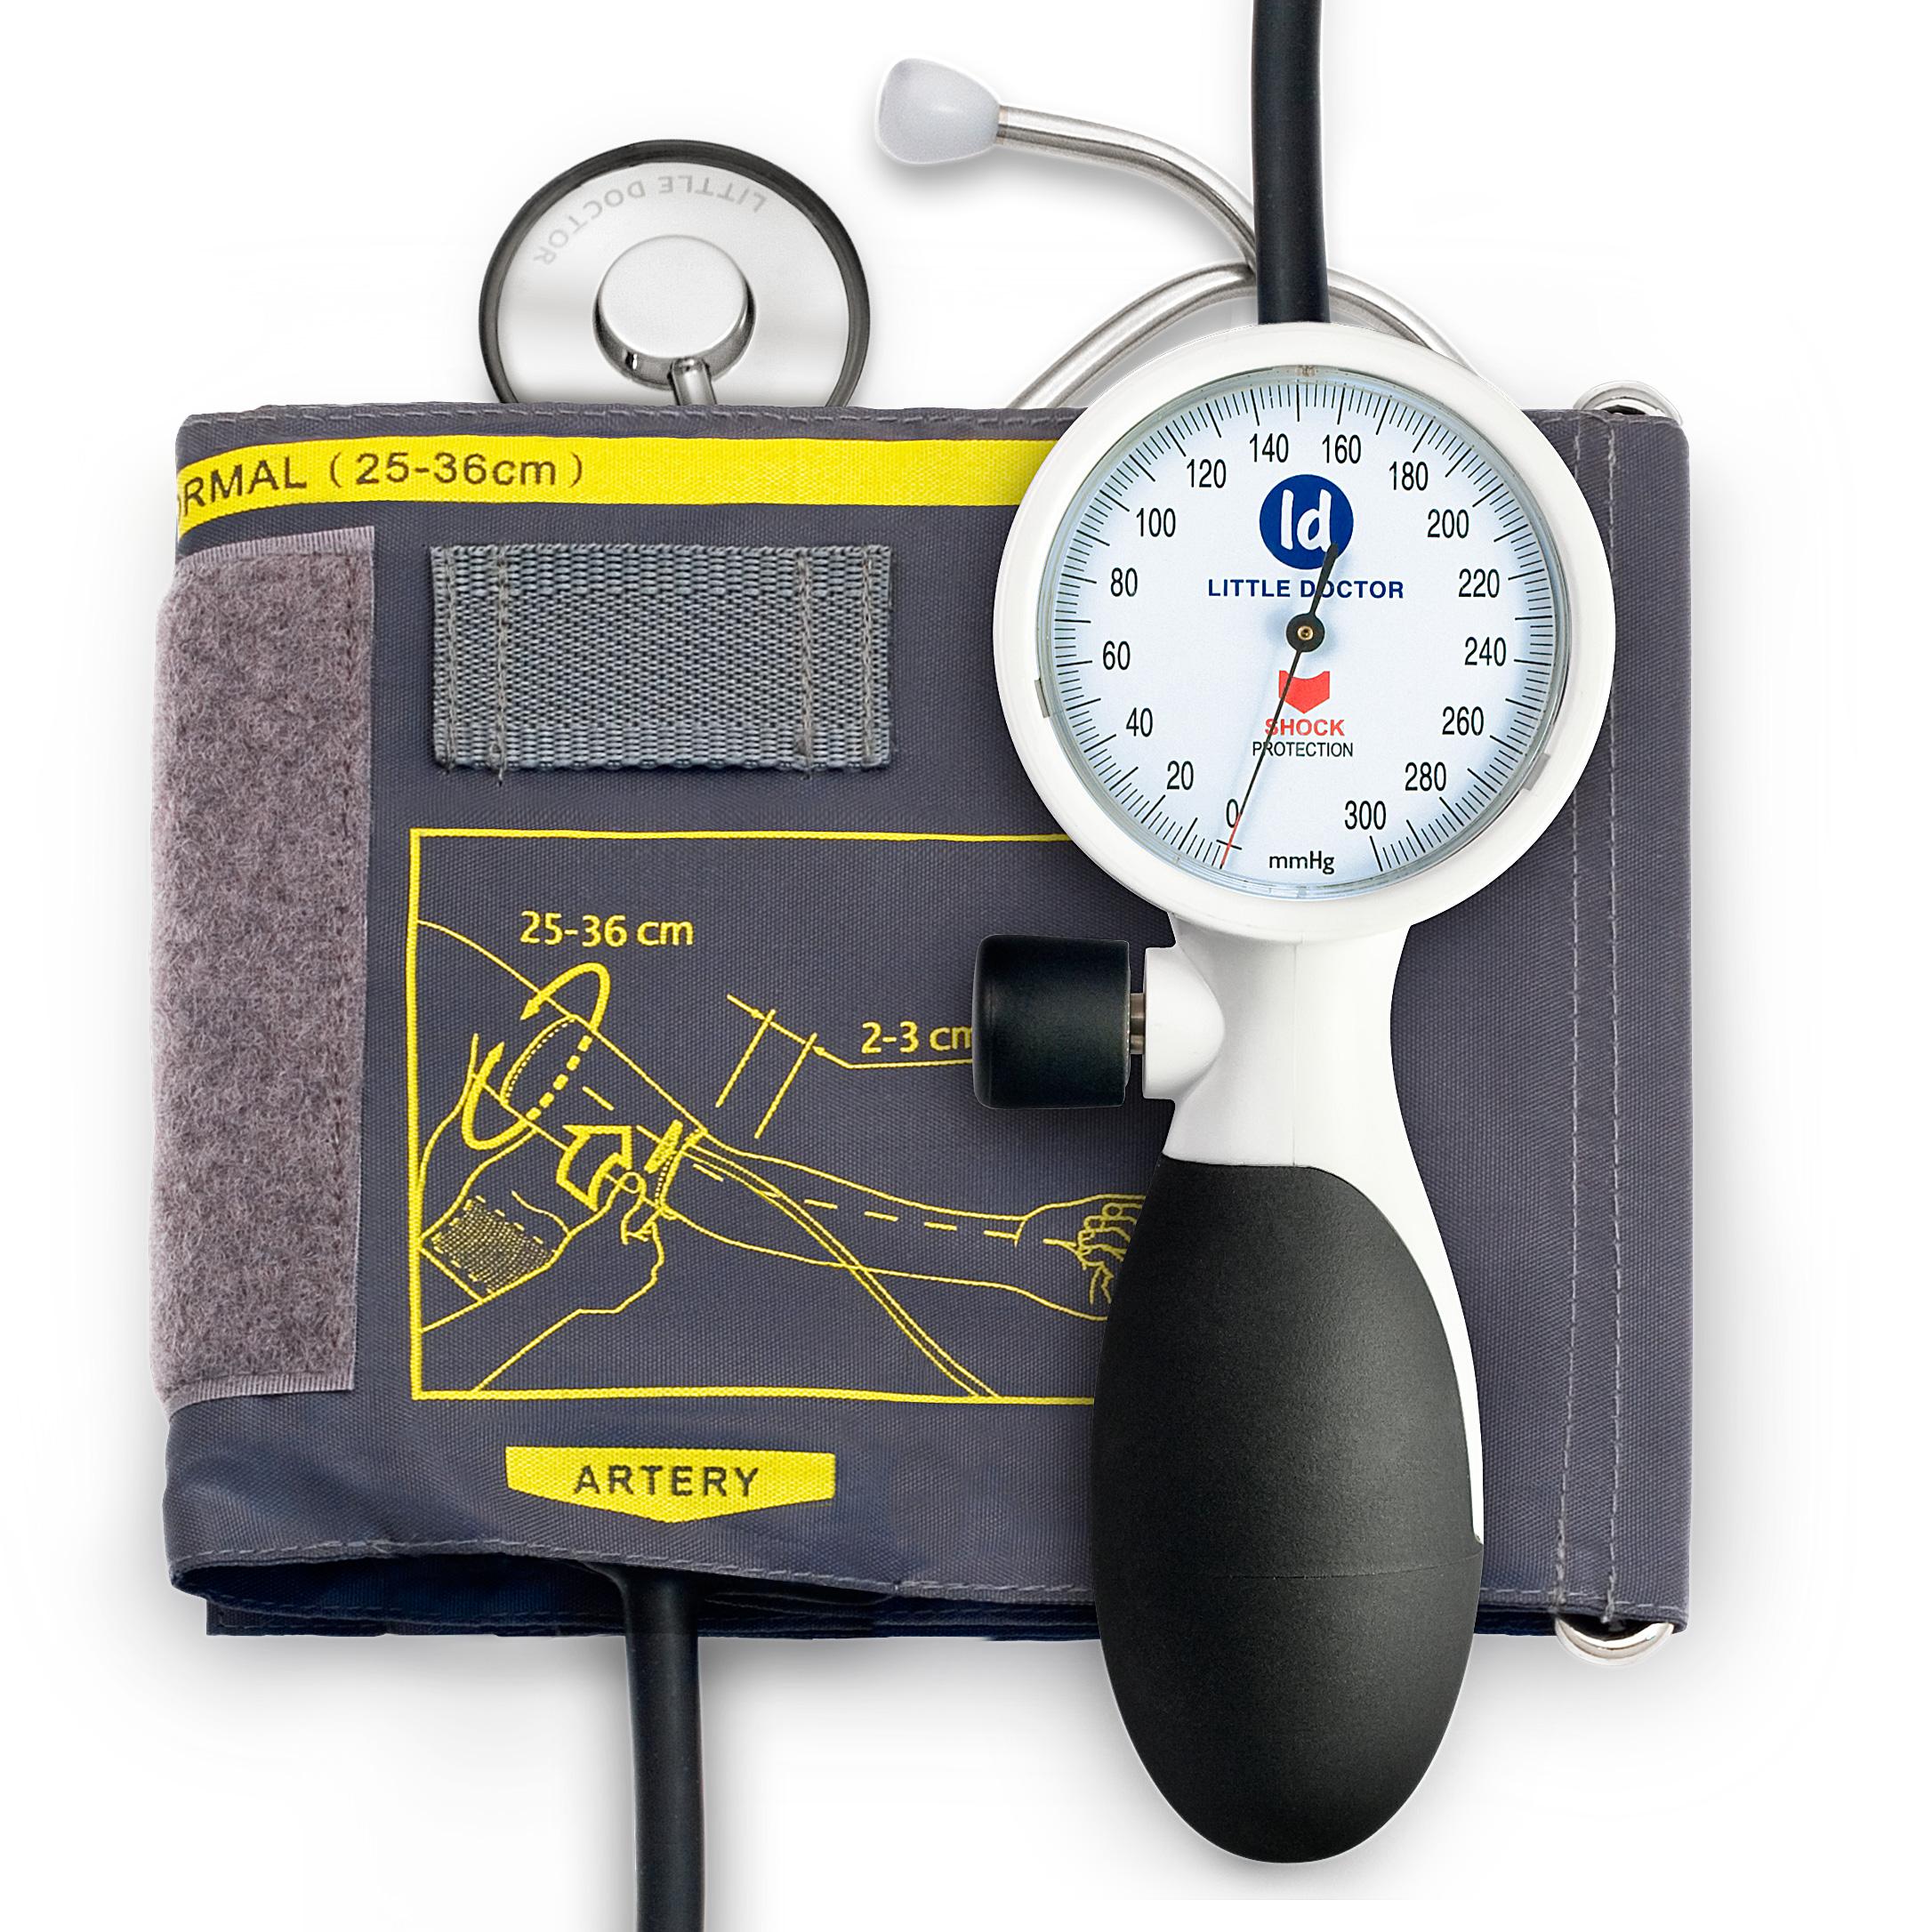 только аппарат для измерения давления картинки этом случае